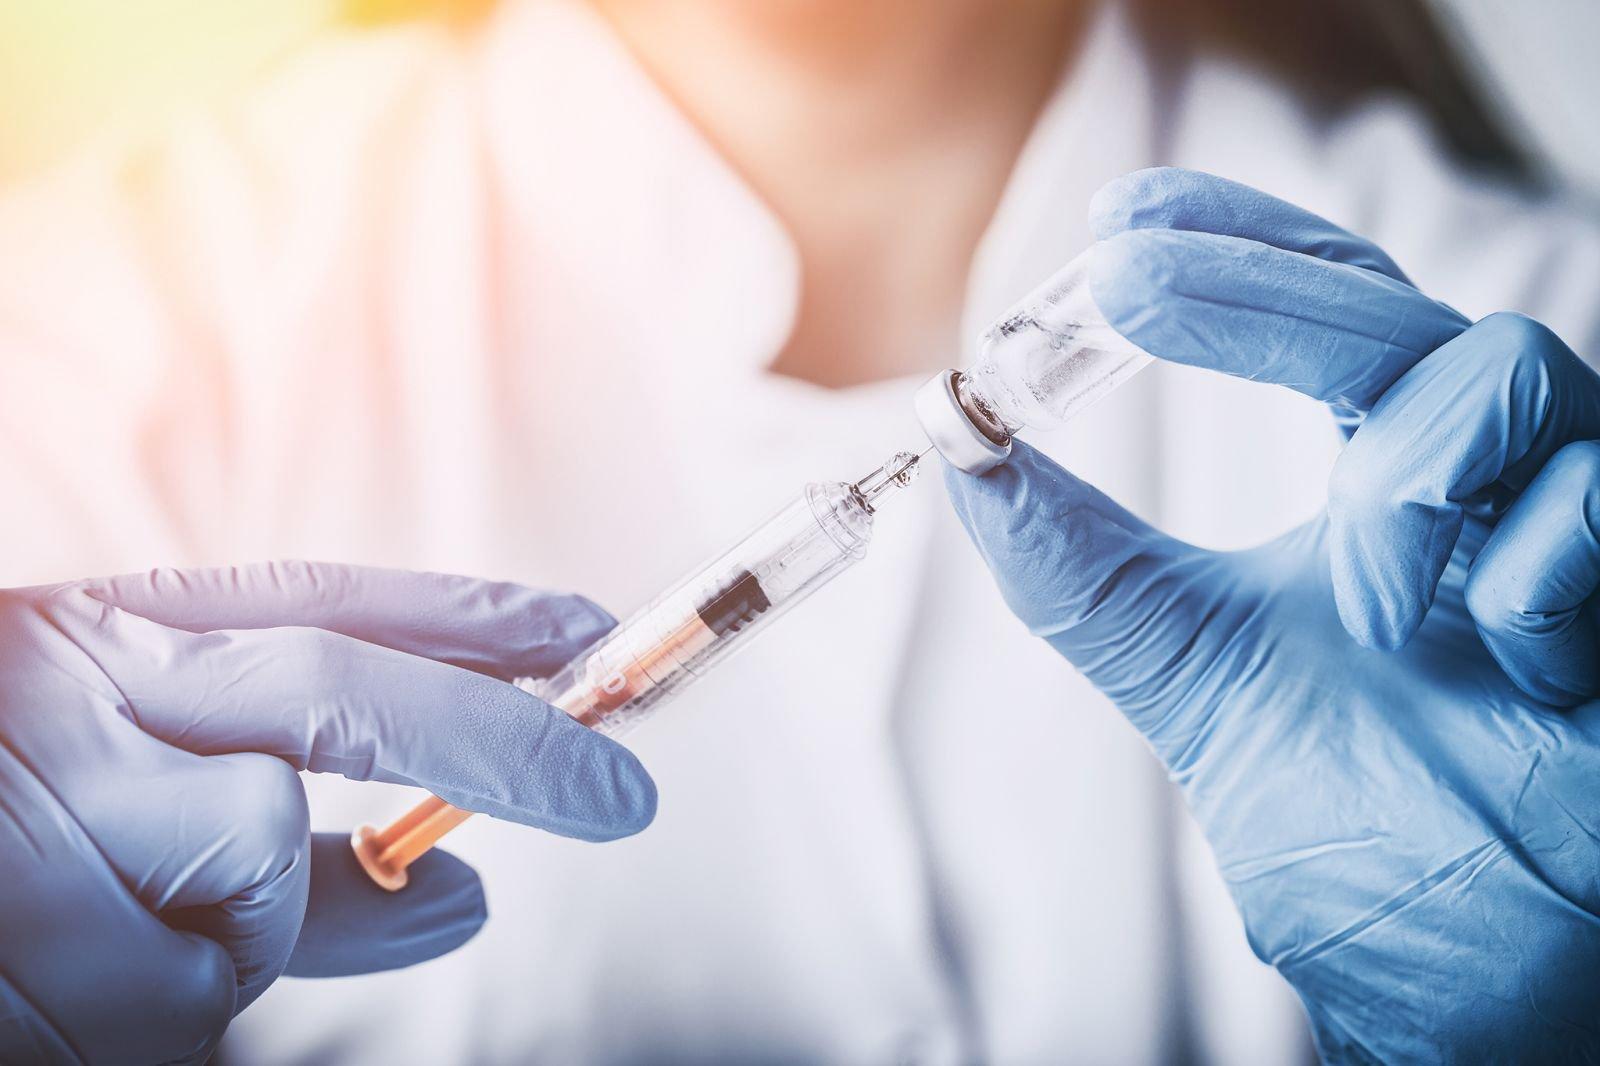 """30% tác dụng phụ sau khi tiêm vaccine COVID-19 là do """"lo lắng thái quá"""" - ảnh 2"""